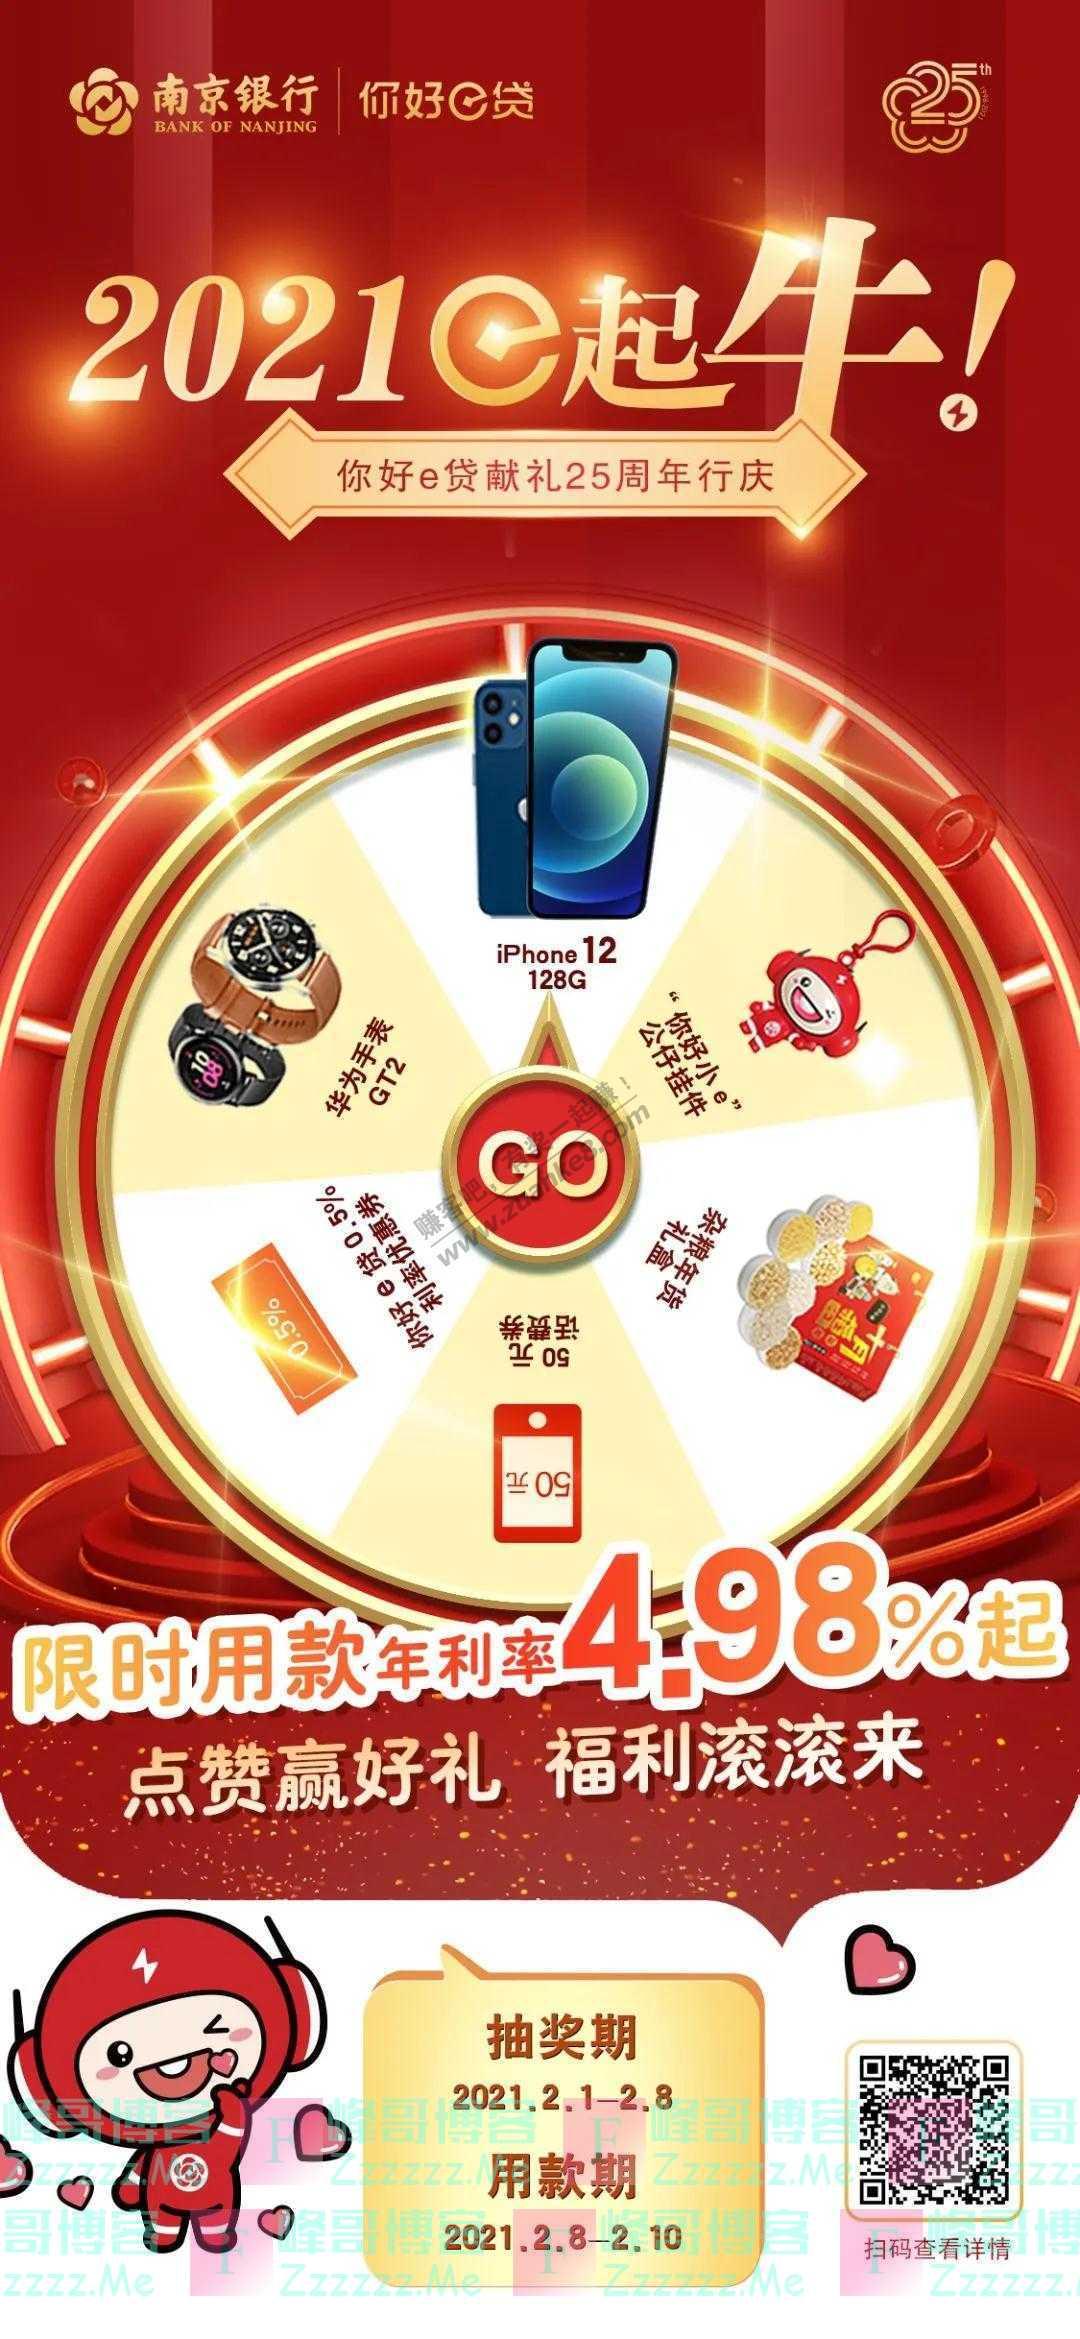 南京银行北京分行【你好e贷】点赞赢iPhone!(截止2月8日)